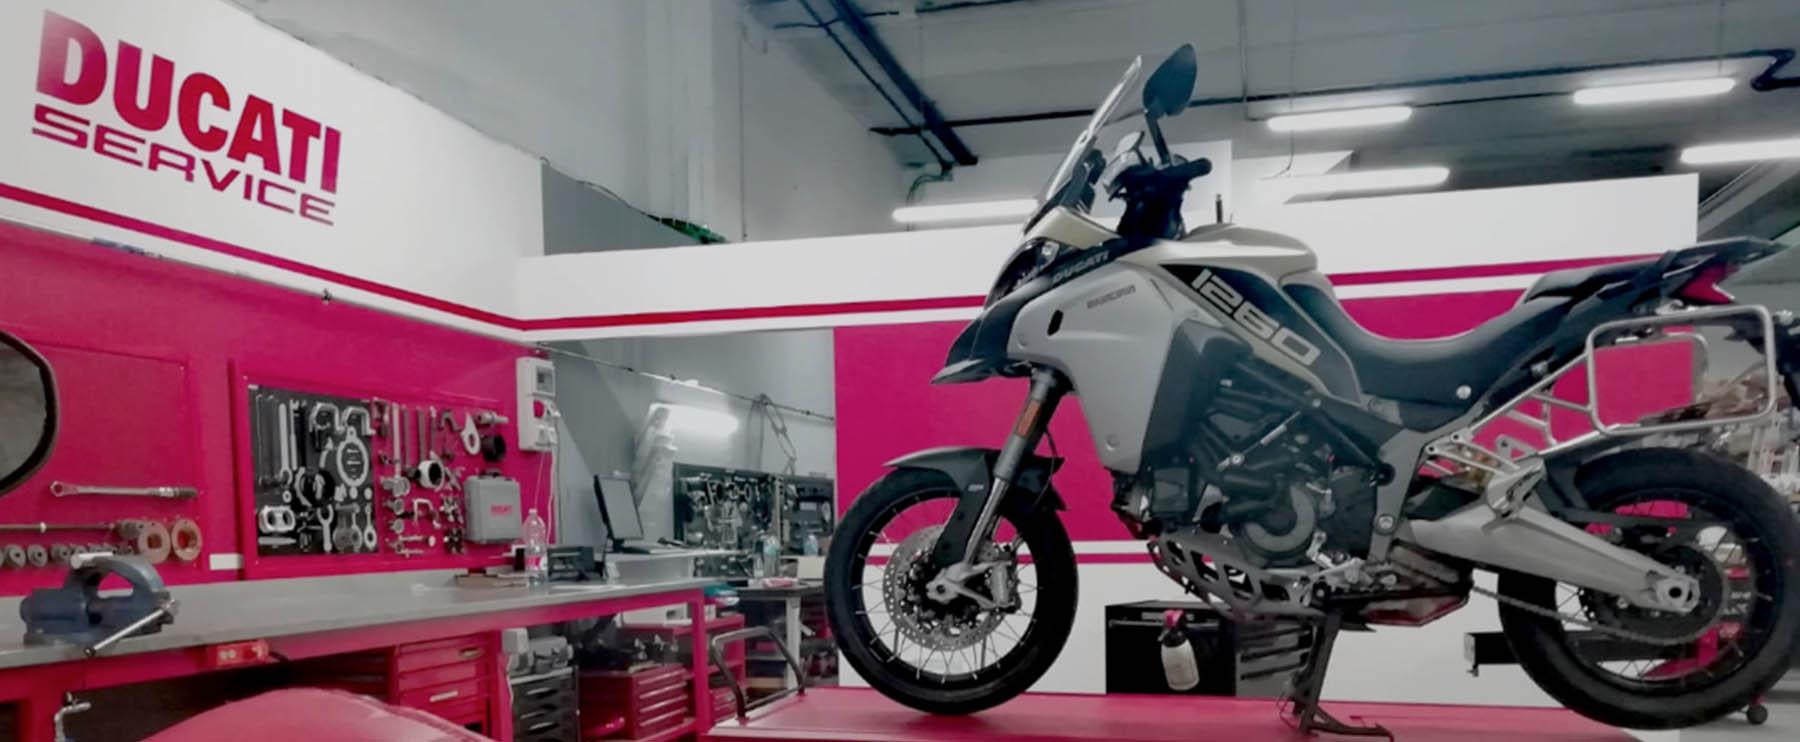 Vista zona taller Ducati en Motoviedo con Ducati Multistrada en el elevador